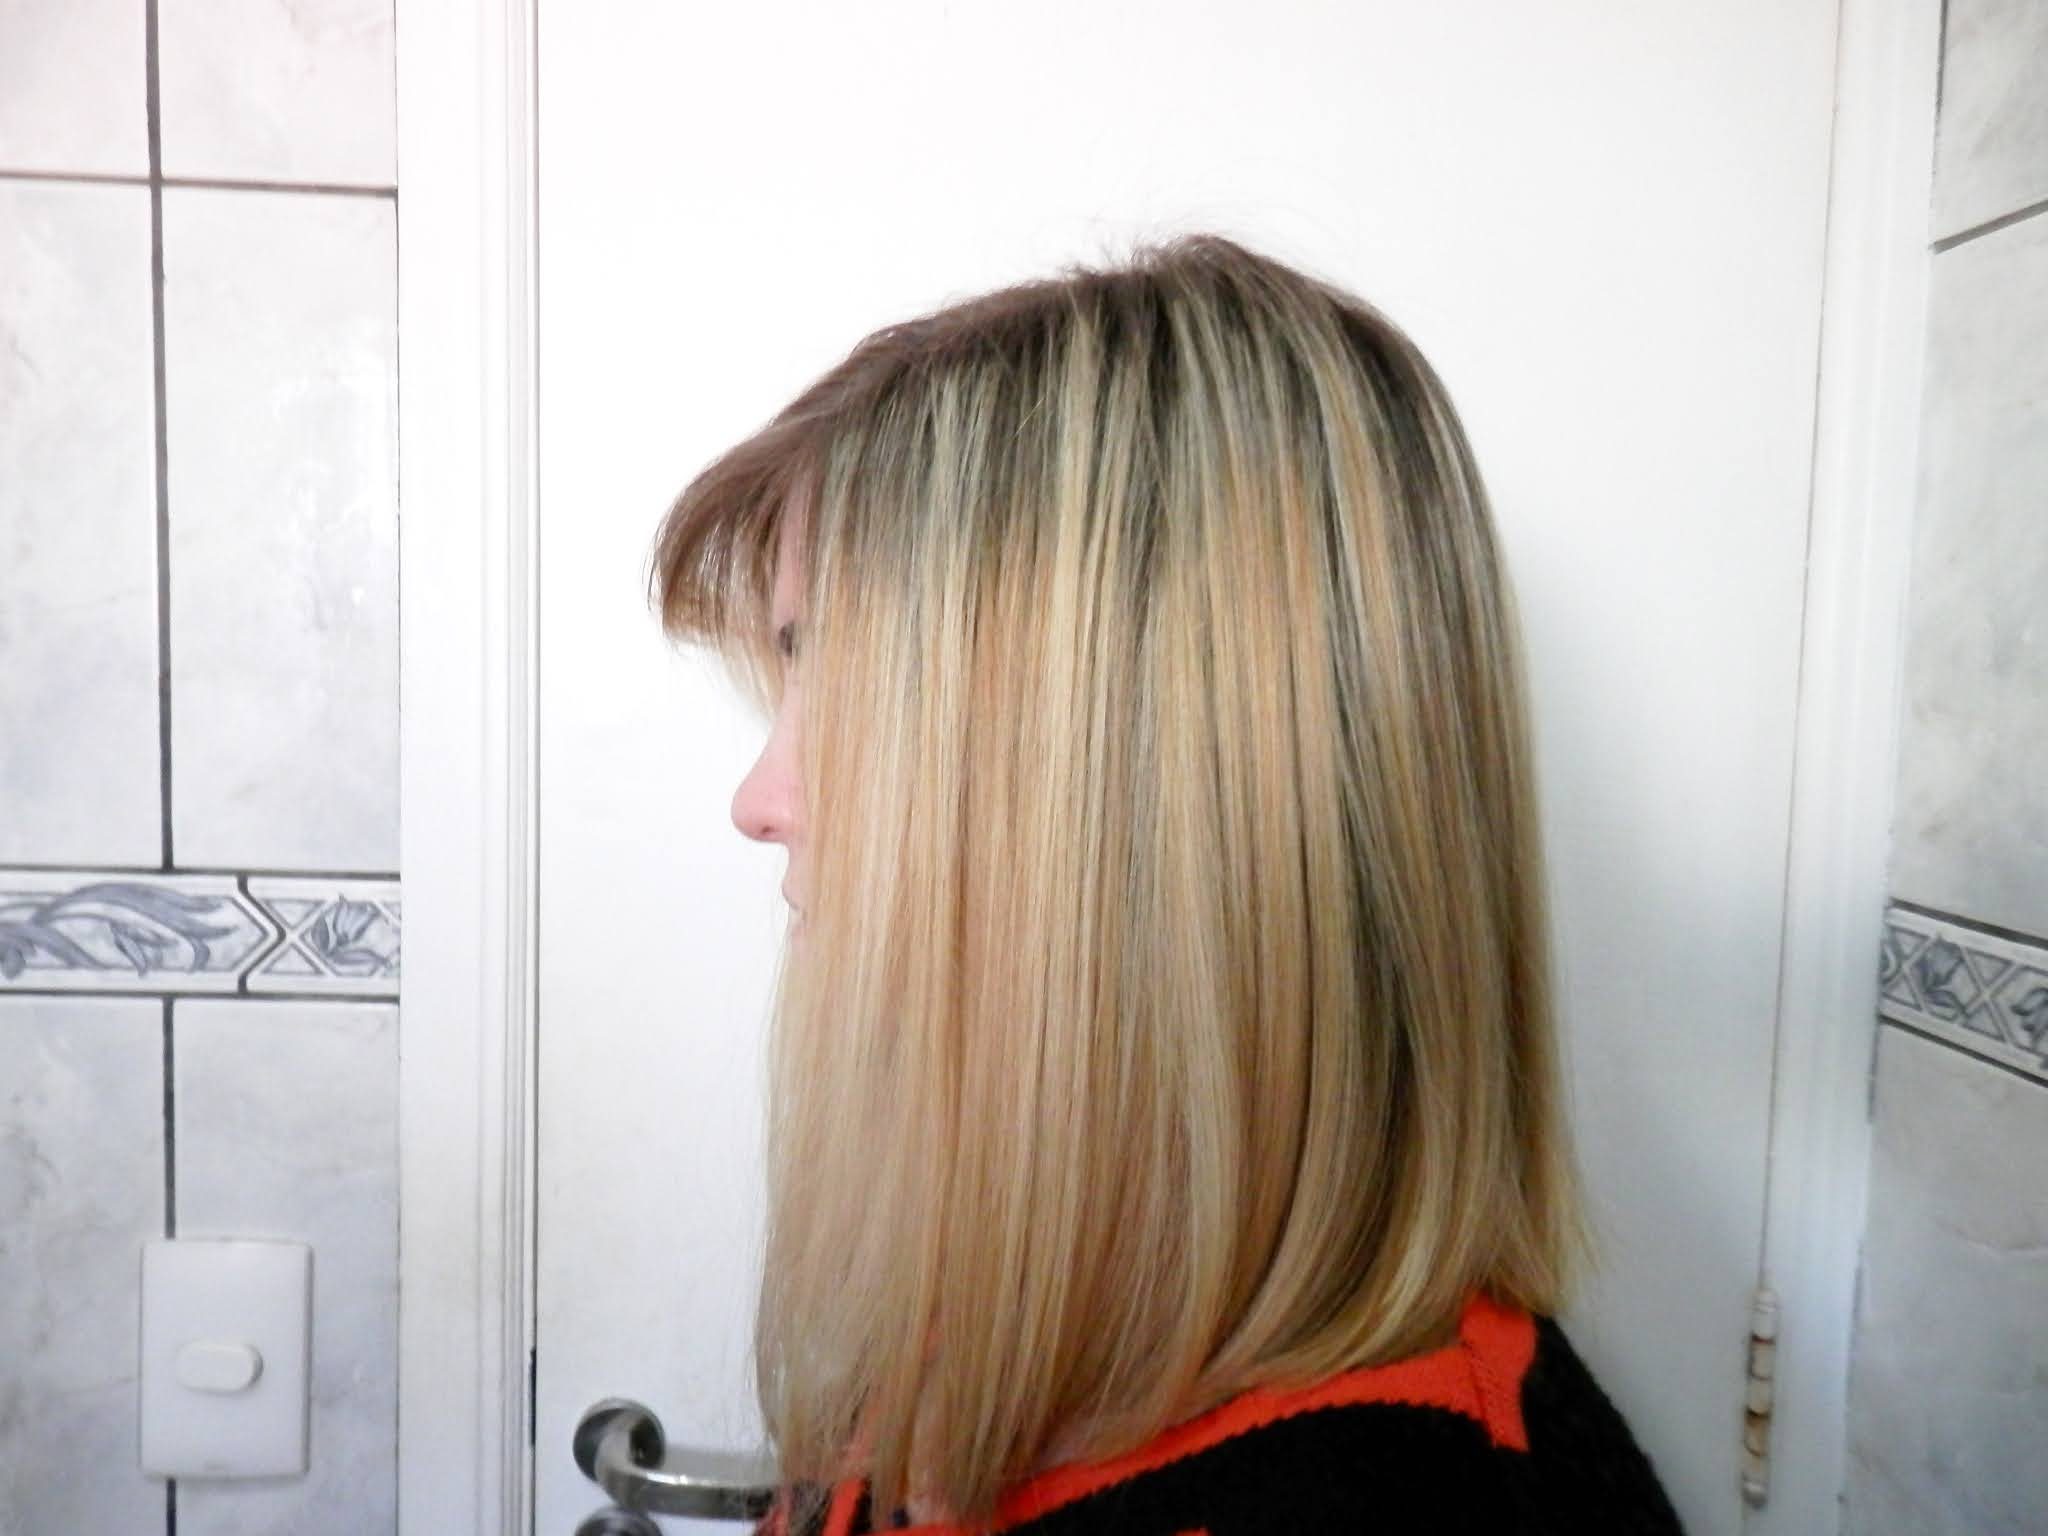 Magia de Unicórnio Bifásico – preparador de cabelo da Forever Liss